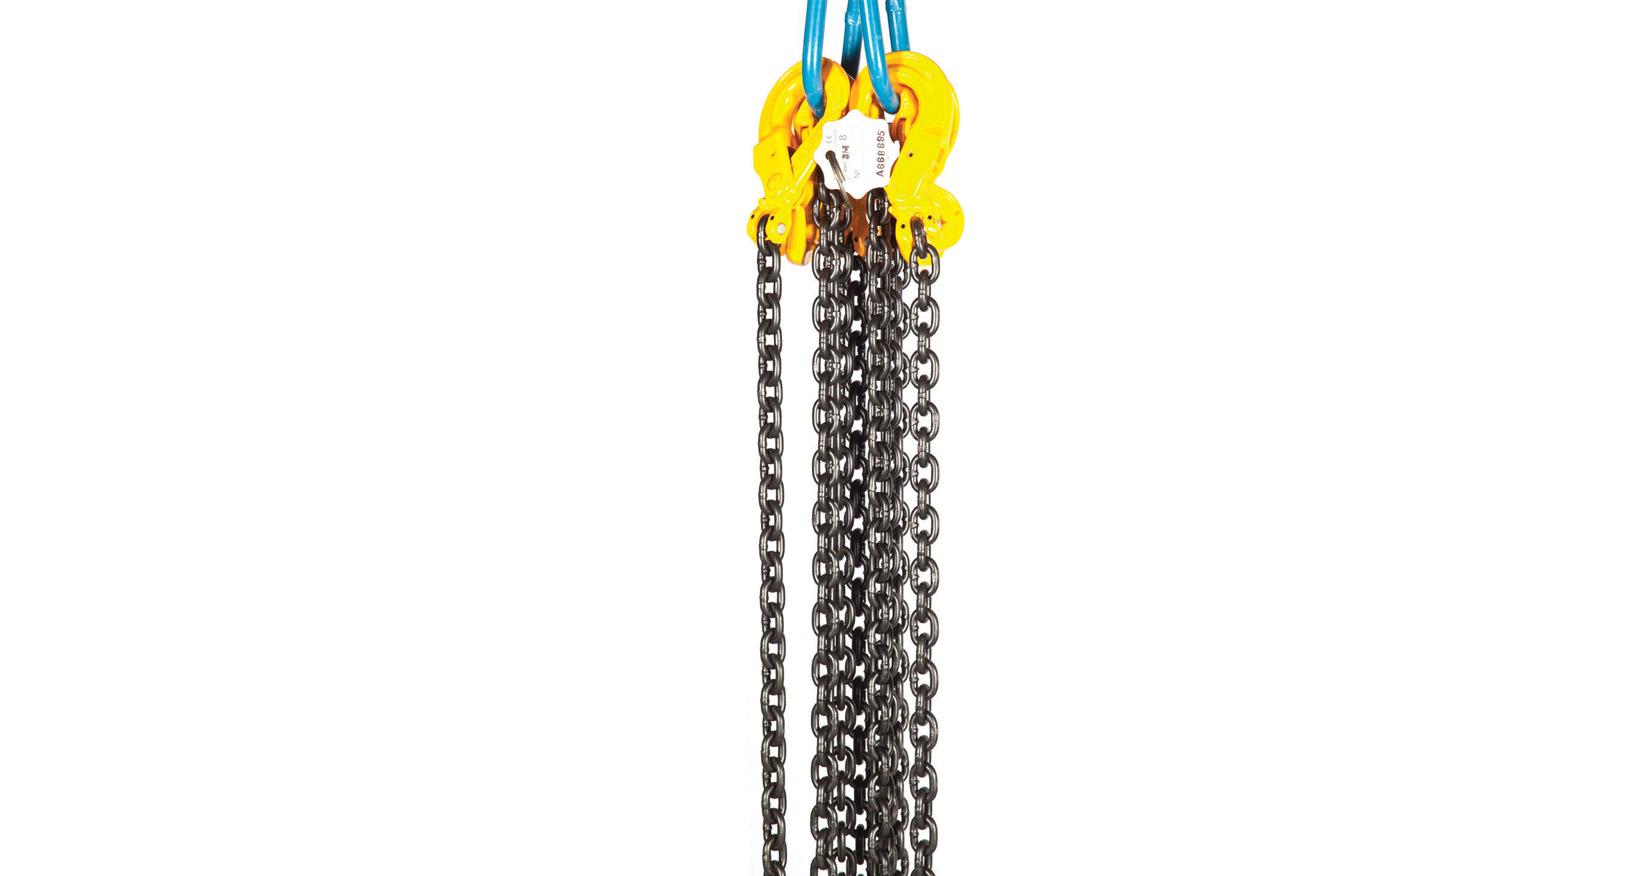 3.1T 7mm 4 Leg Chain 0-3M